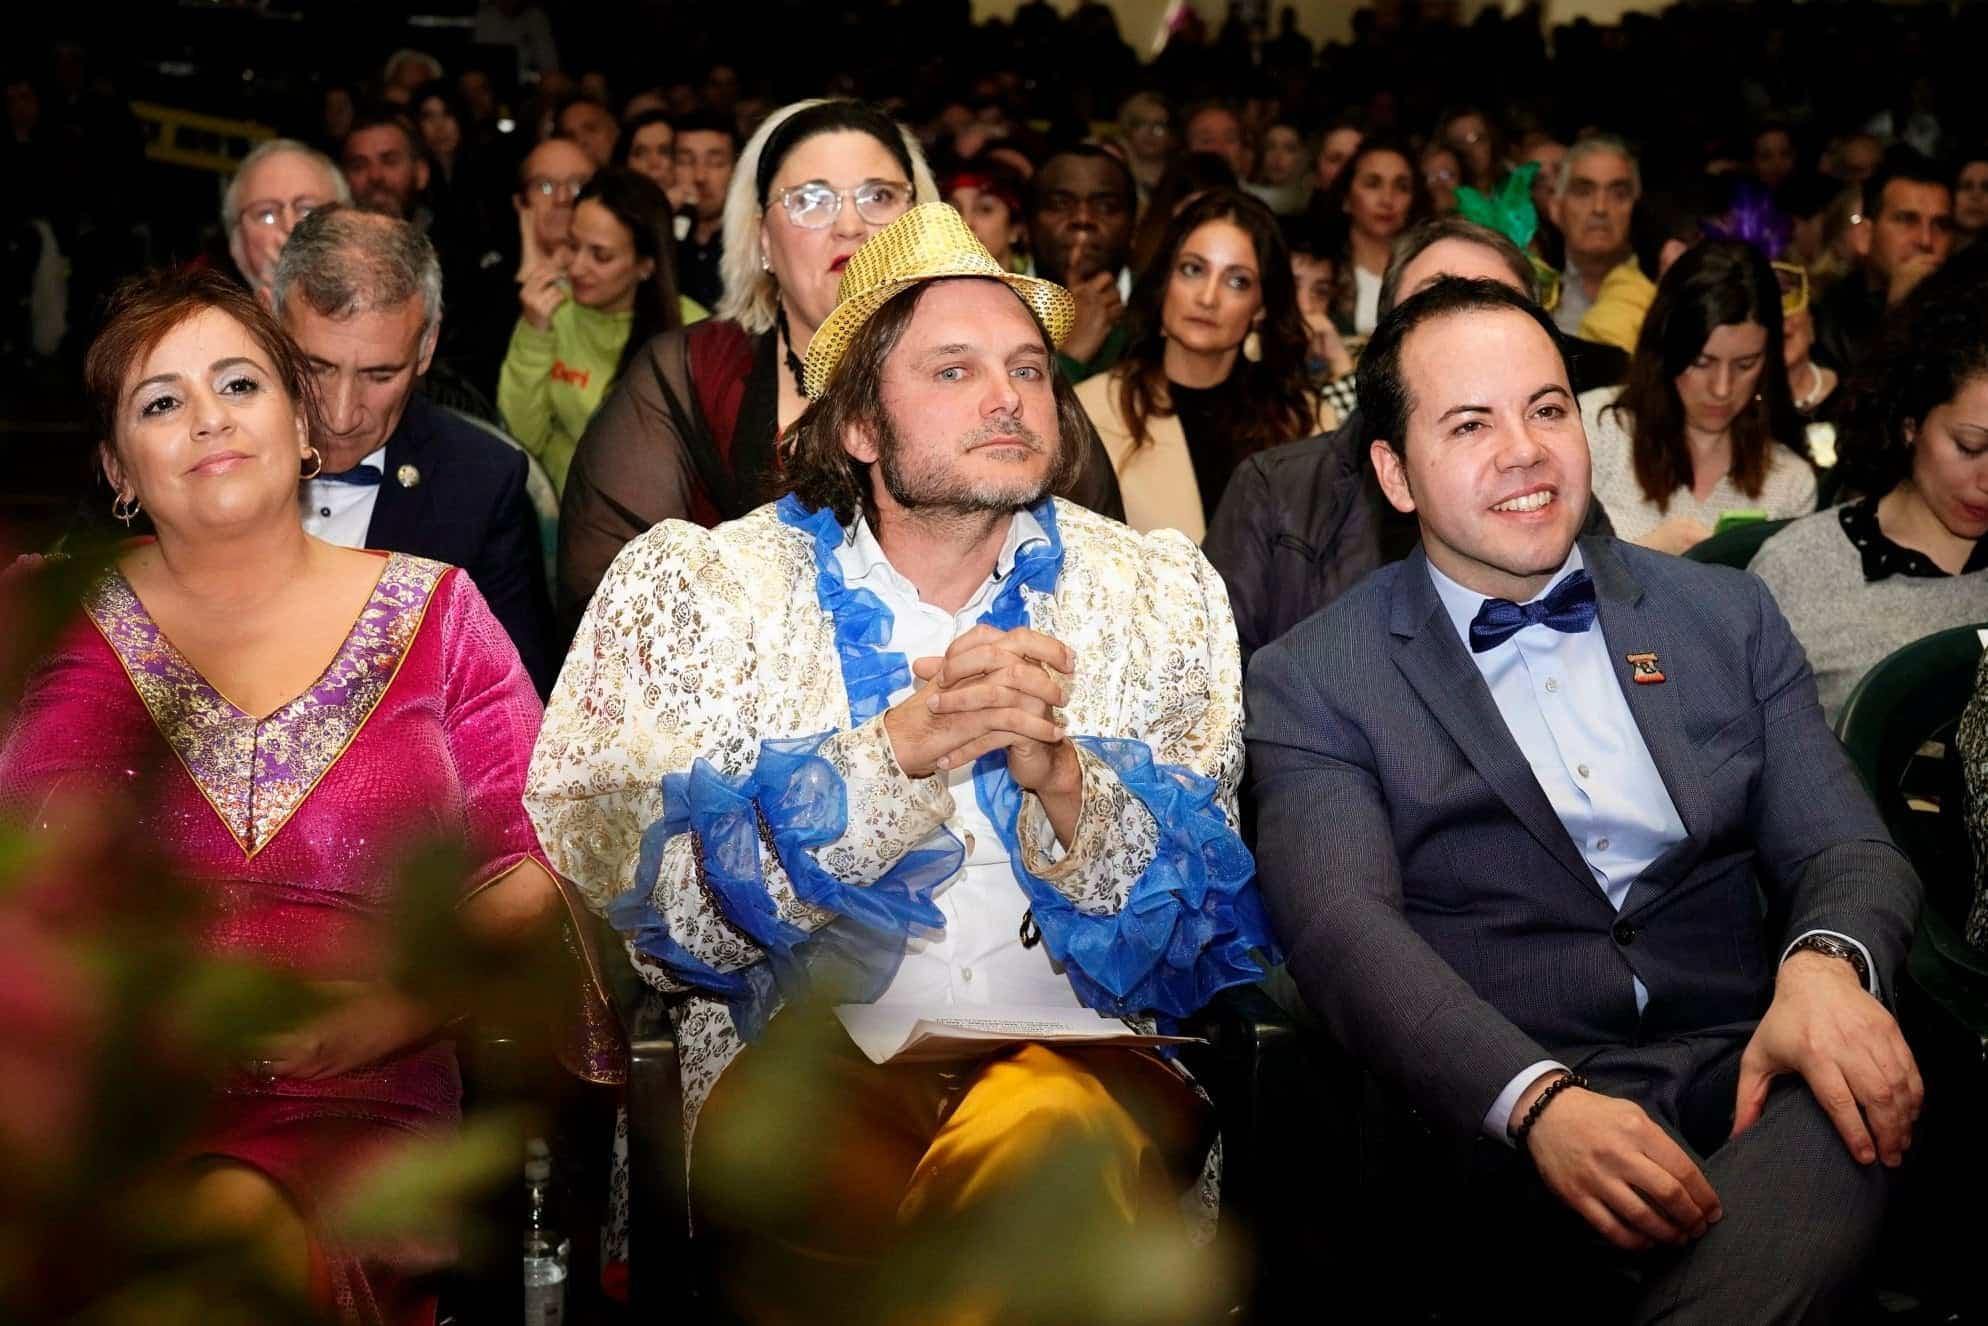 inauguracion carnaval 2020 herencia 2 - Inauguración del Carnaval de Herencia 2020